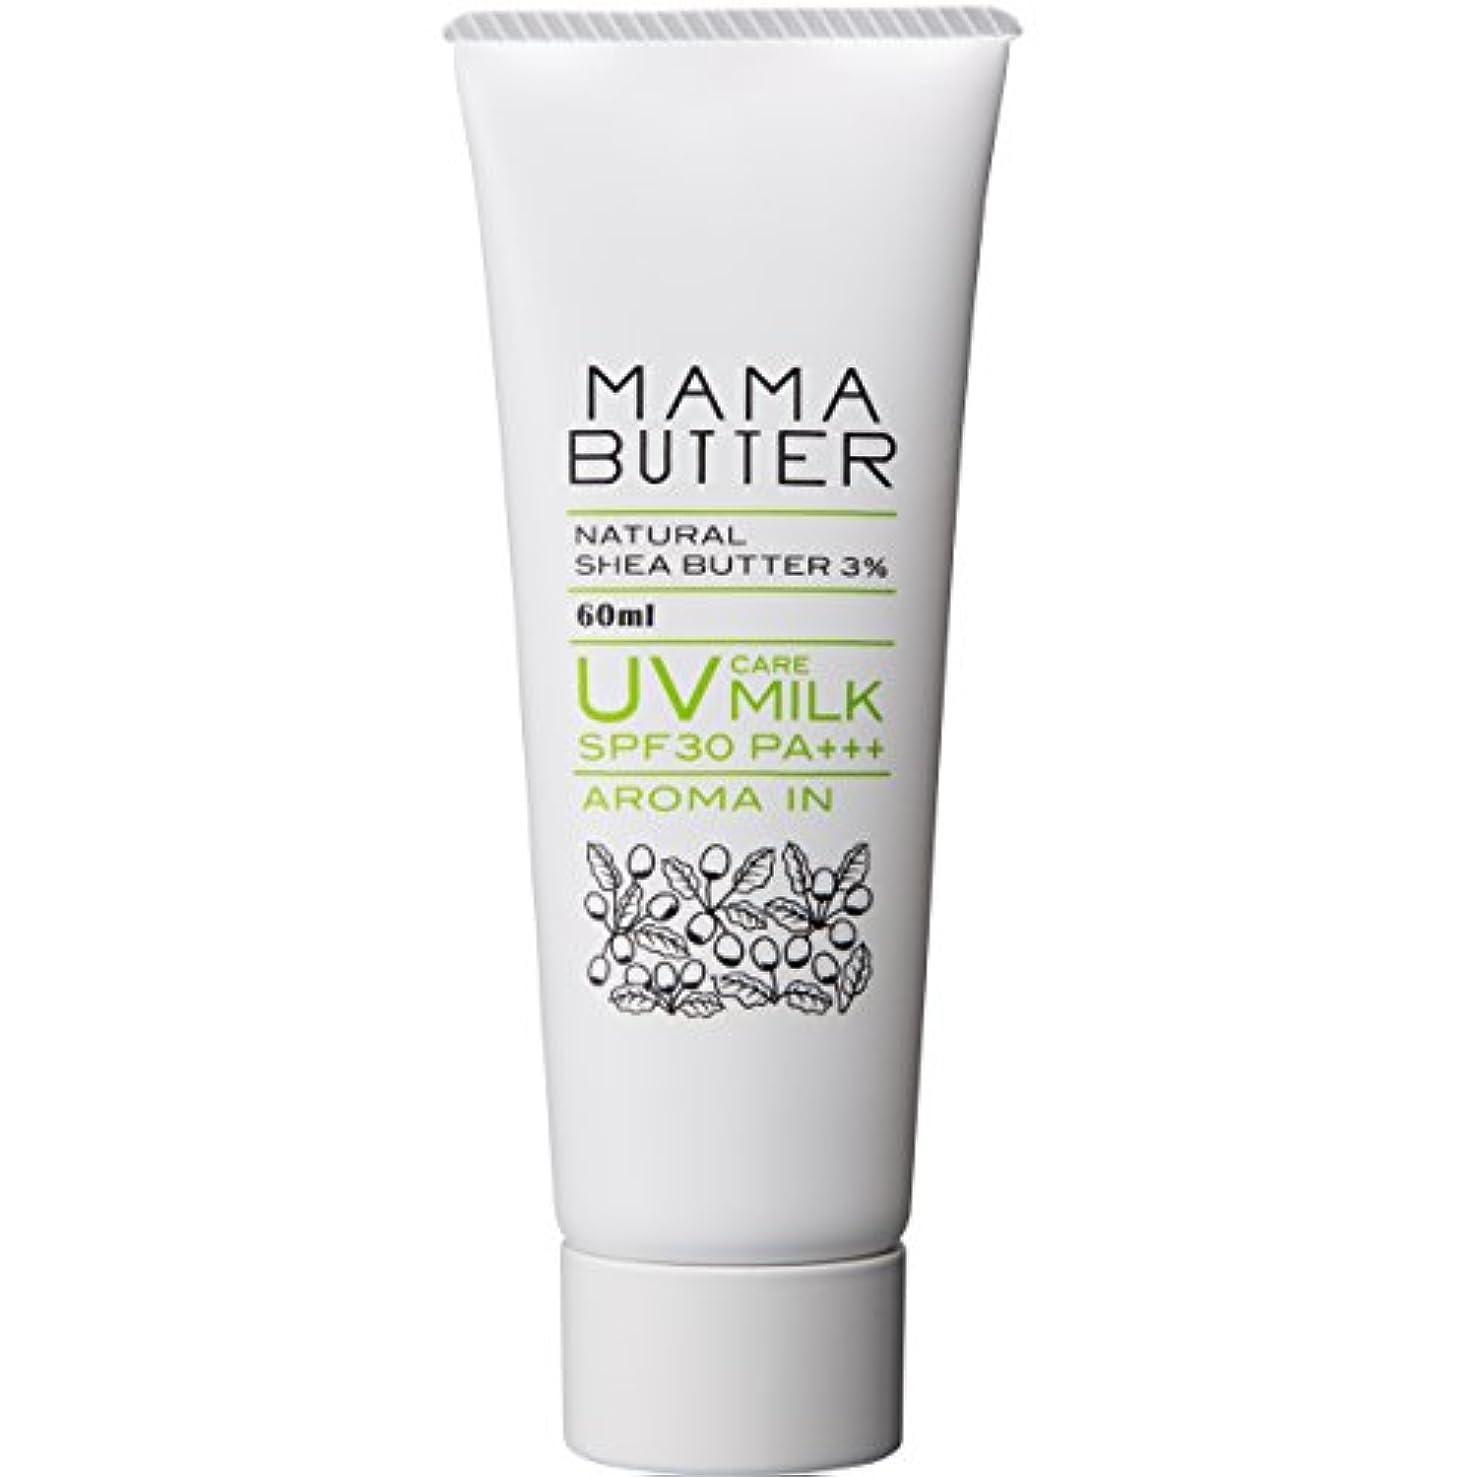 有名な検索エンジンマーケティングうまくやる()ママバター UVケアミルク アロマイン SPF30 PA+++ 60ml